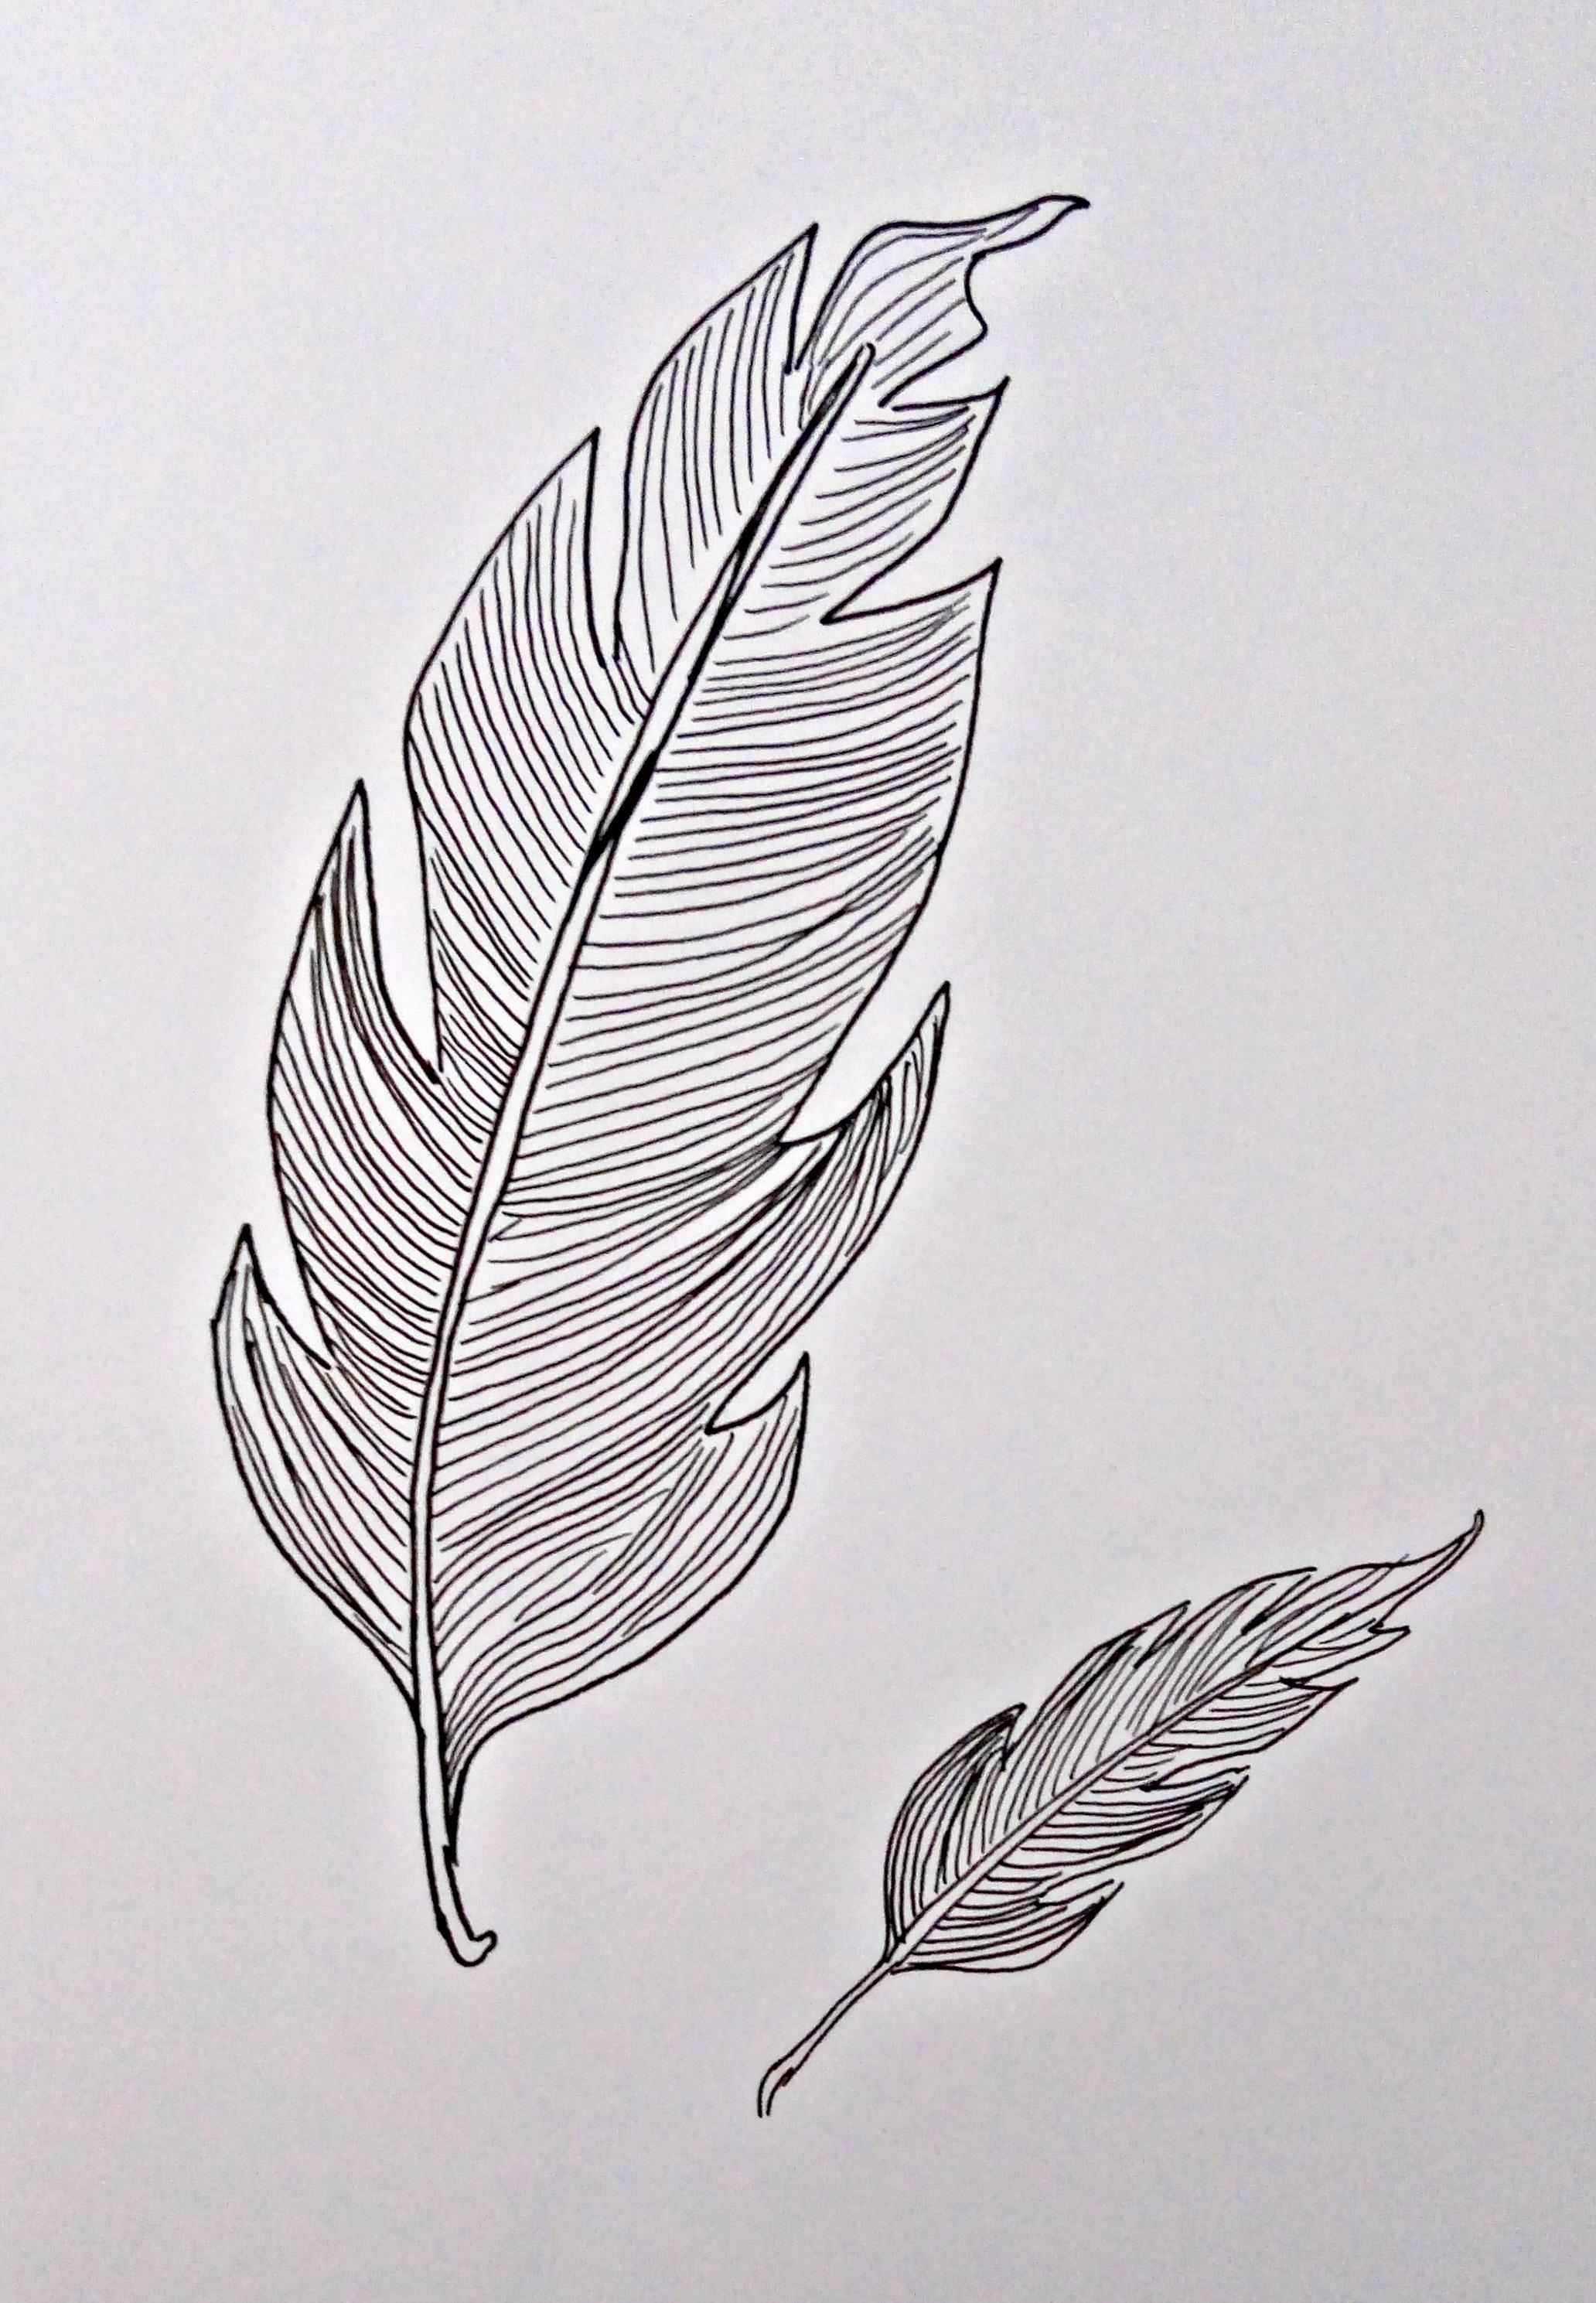 rysunek cienkopisami sakura pigma micron